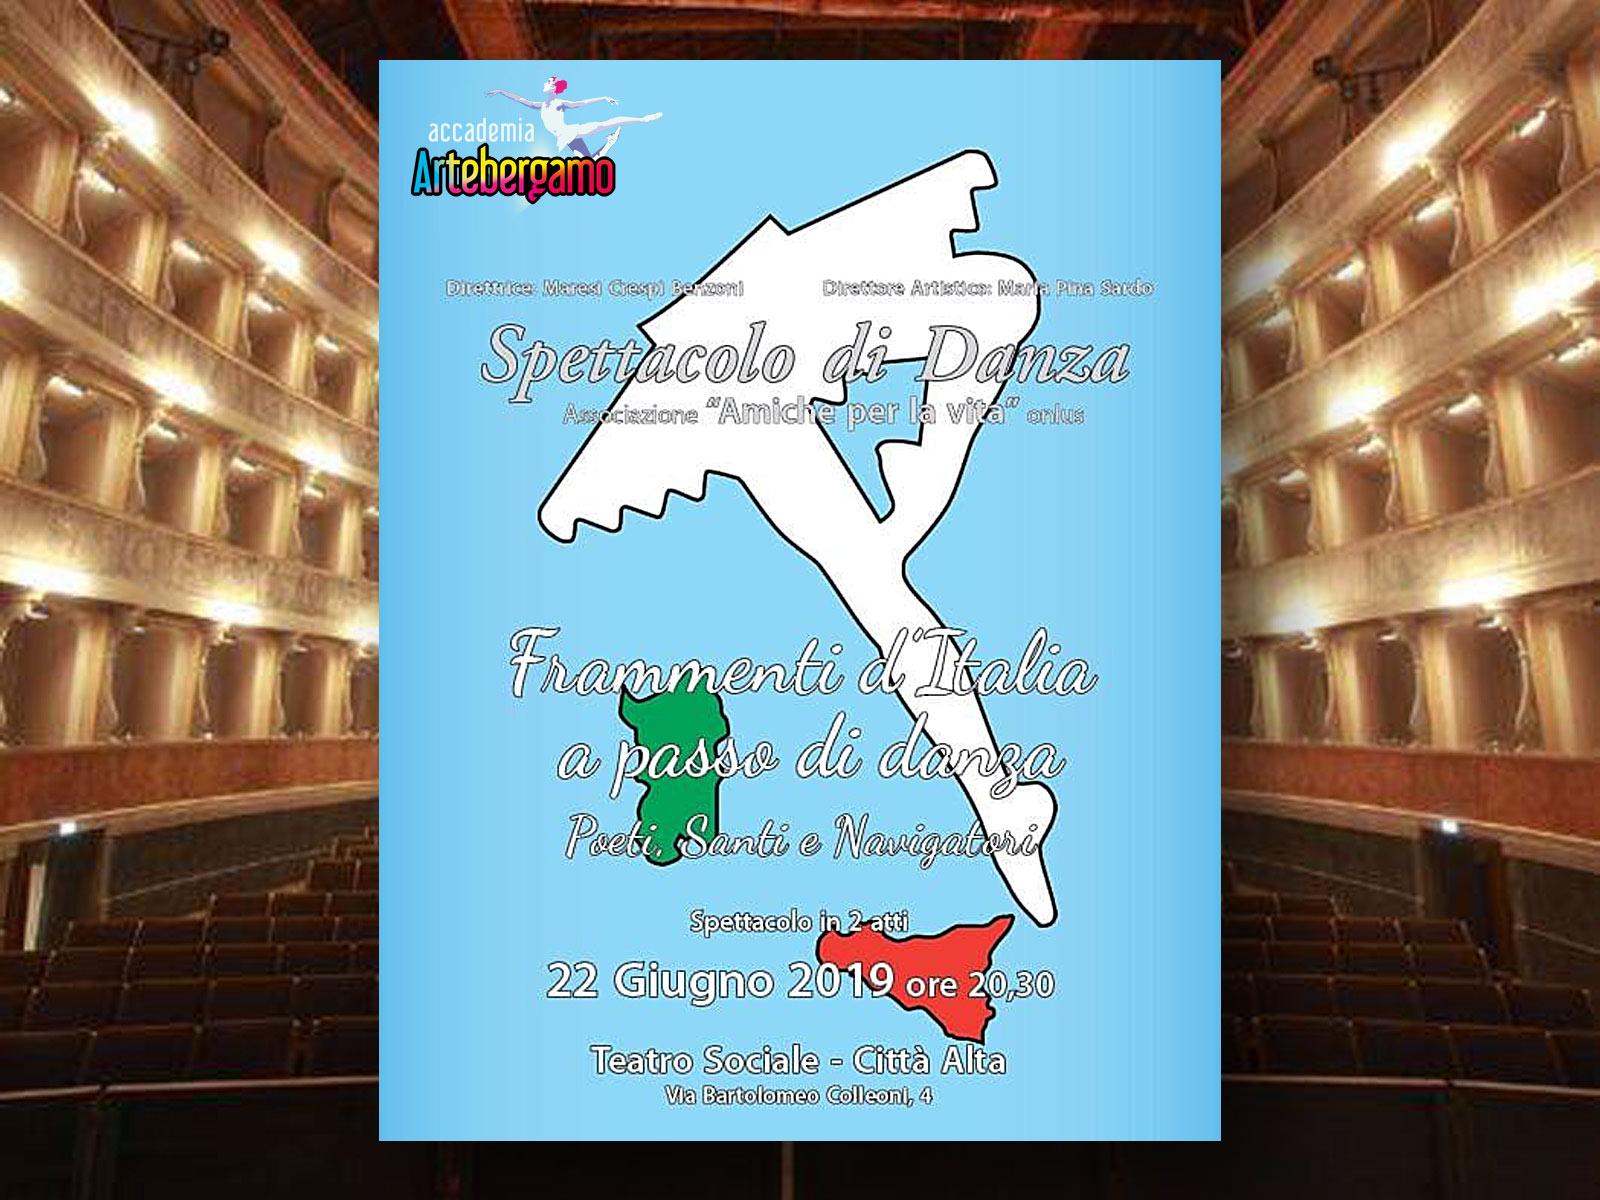 ACCADEMIA ARTE BERGAMO - Spettacolo fine anno - Teatro Sociale 22 giugno 2019